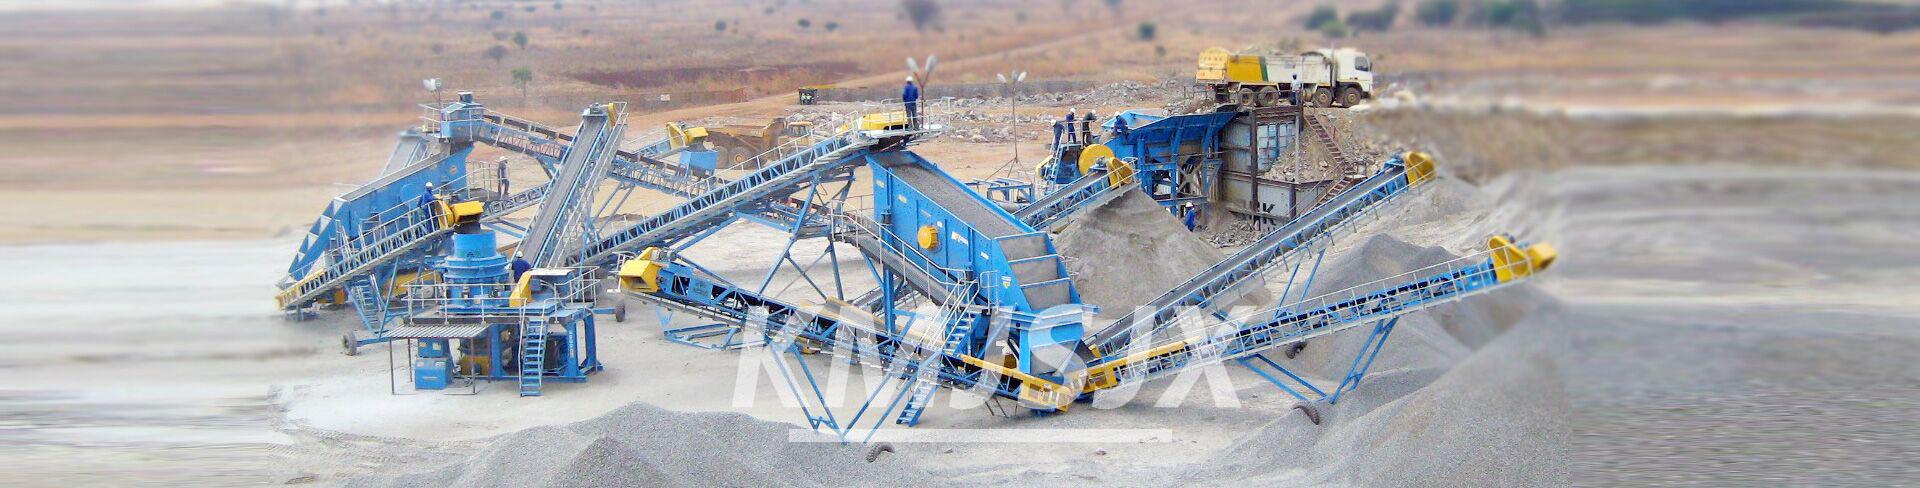 坚石机械专业的矿山设备生产企业